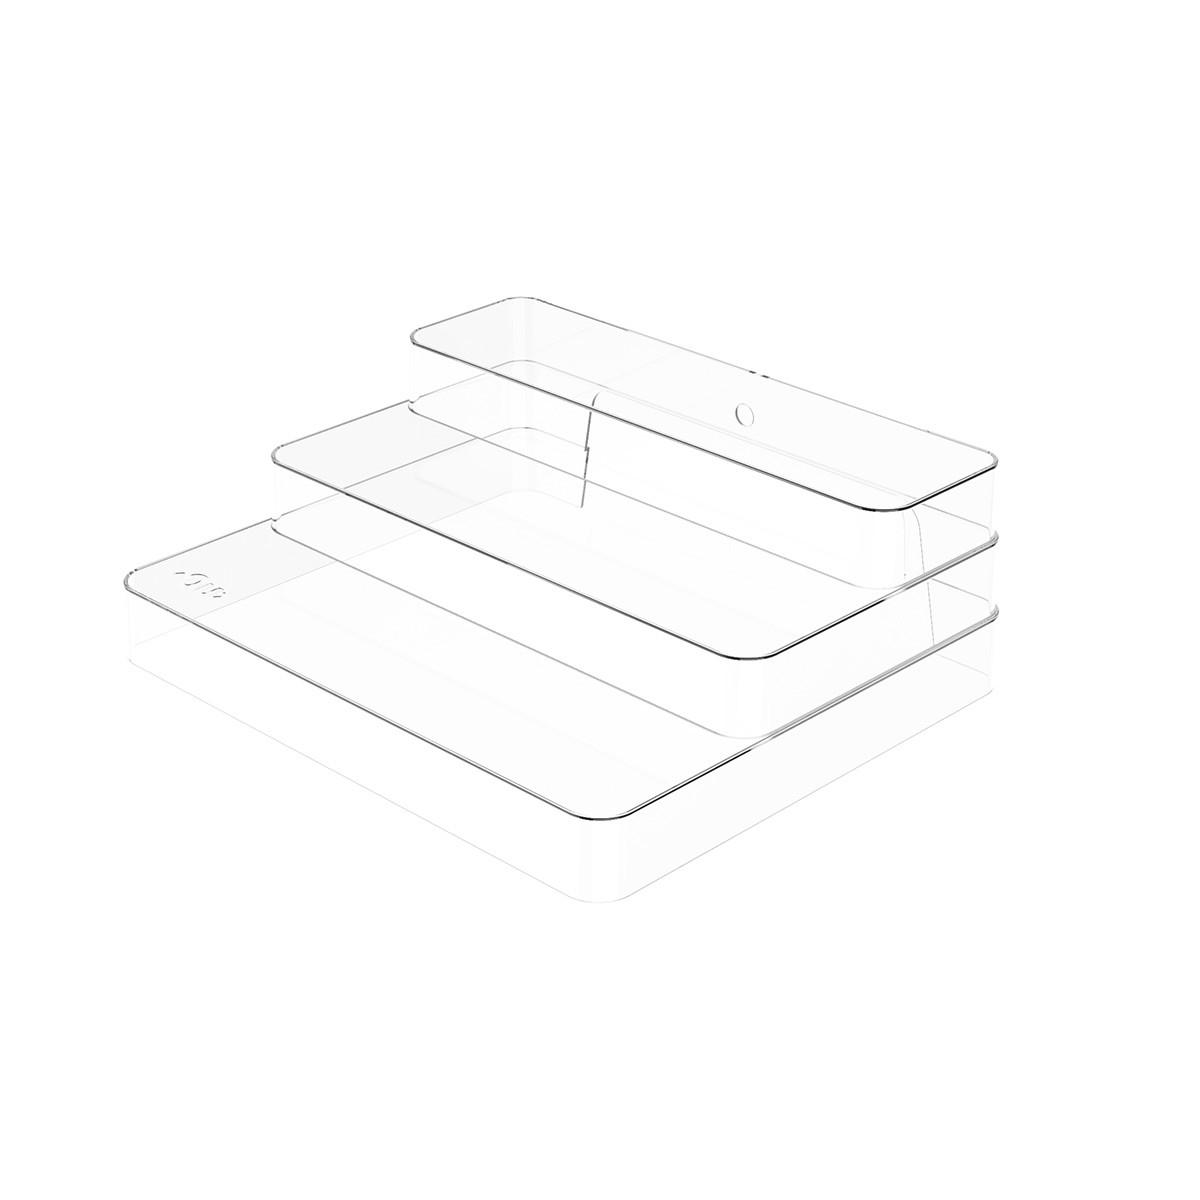 Organizador Multinivel Clear 25x29 cm Transparente - Ou